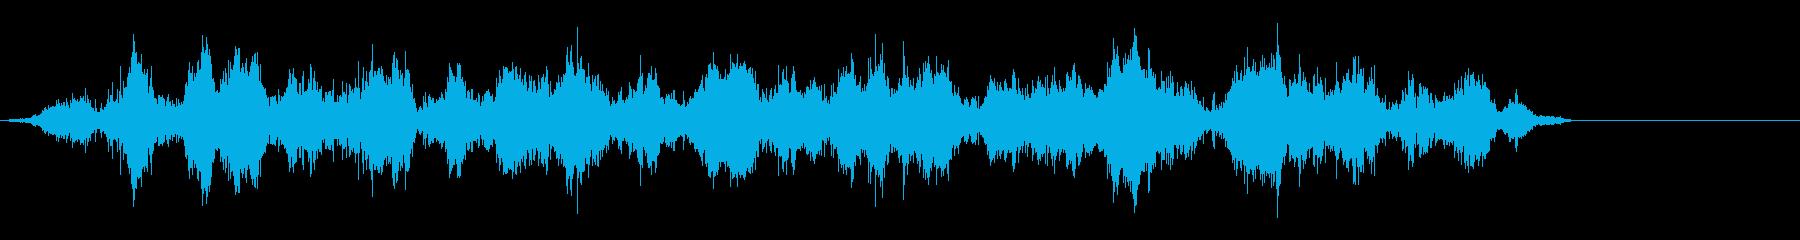 ヘビーボウウォッシュ、モーターなしの再生済みの波形